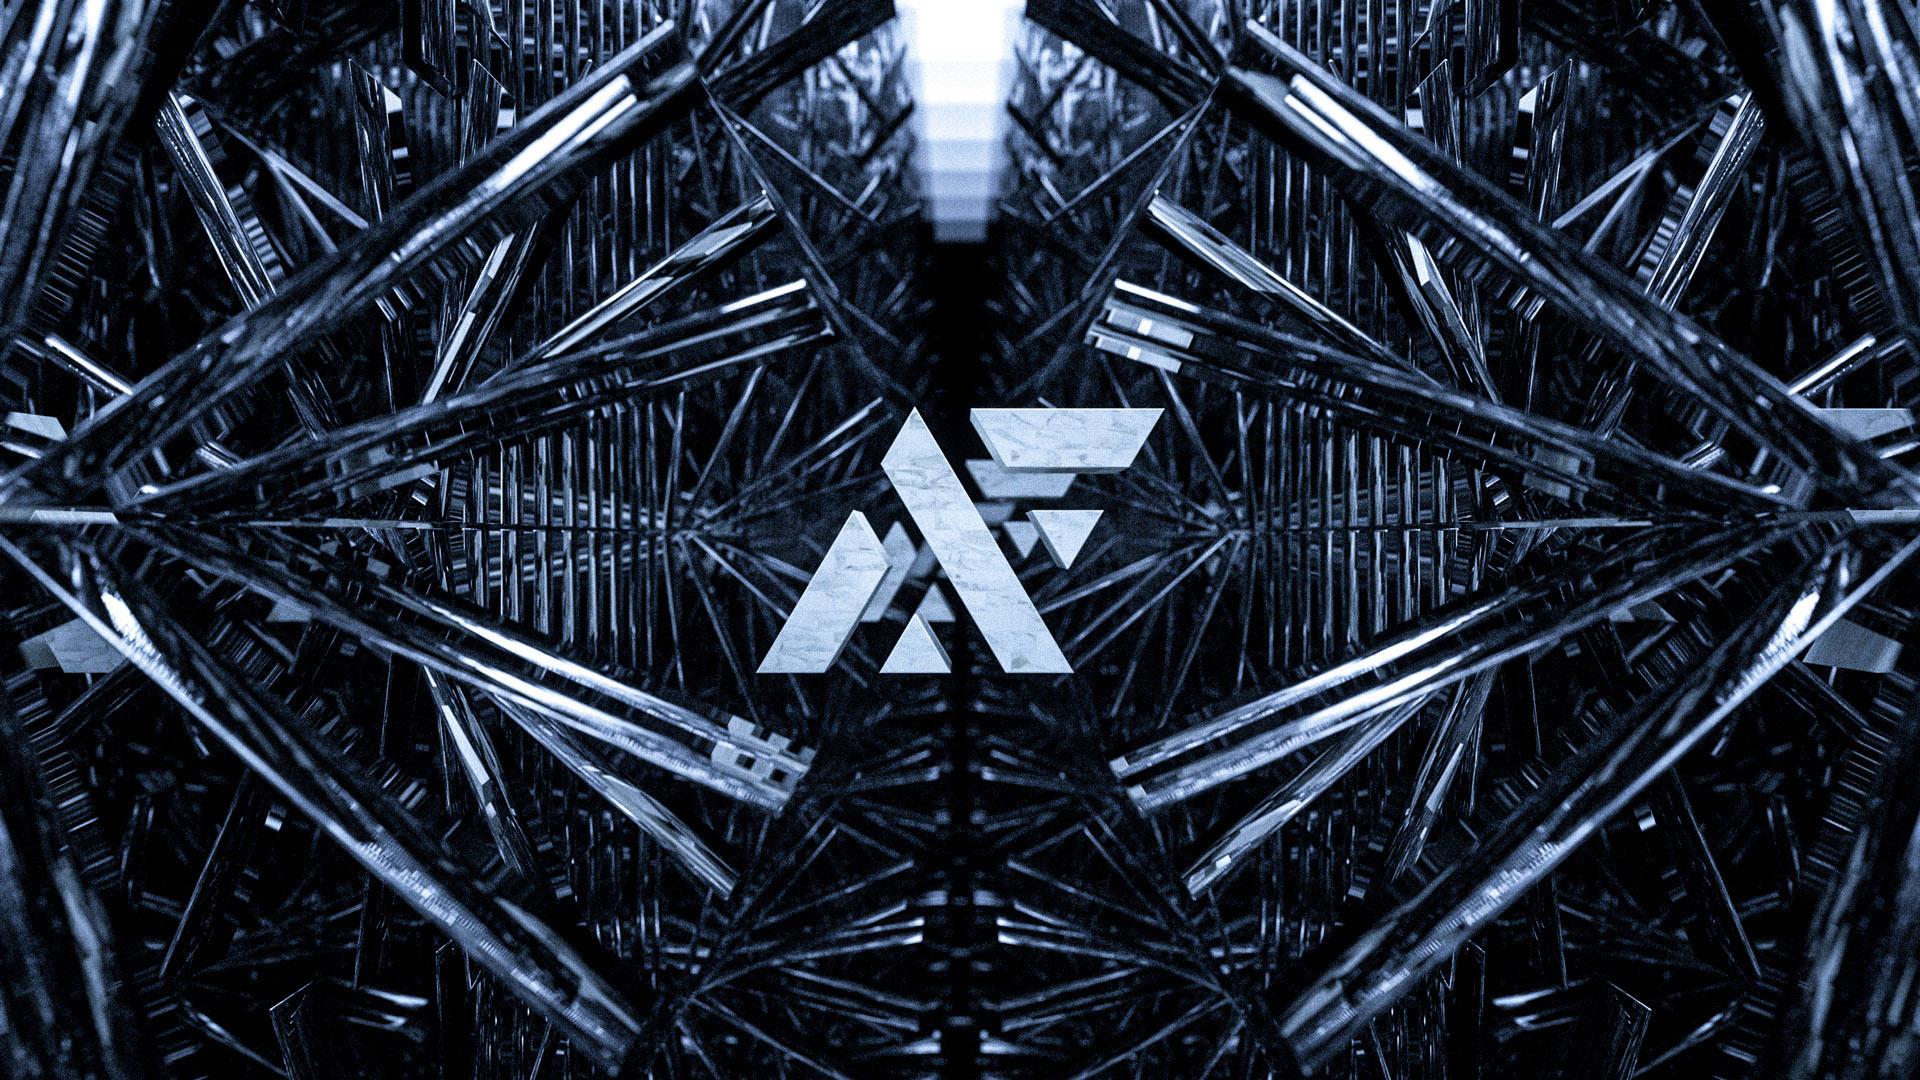 avantform_launch_reel_097_opt